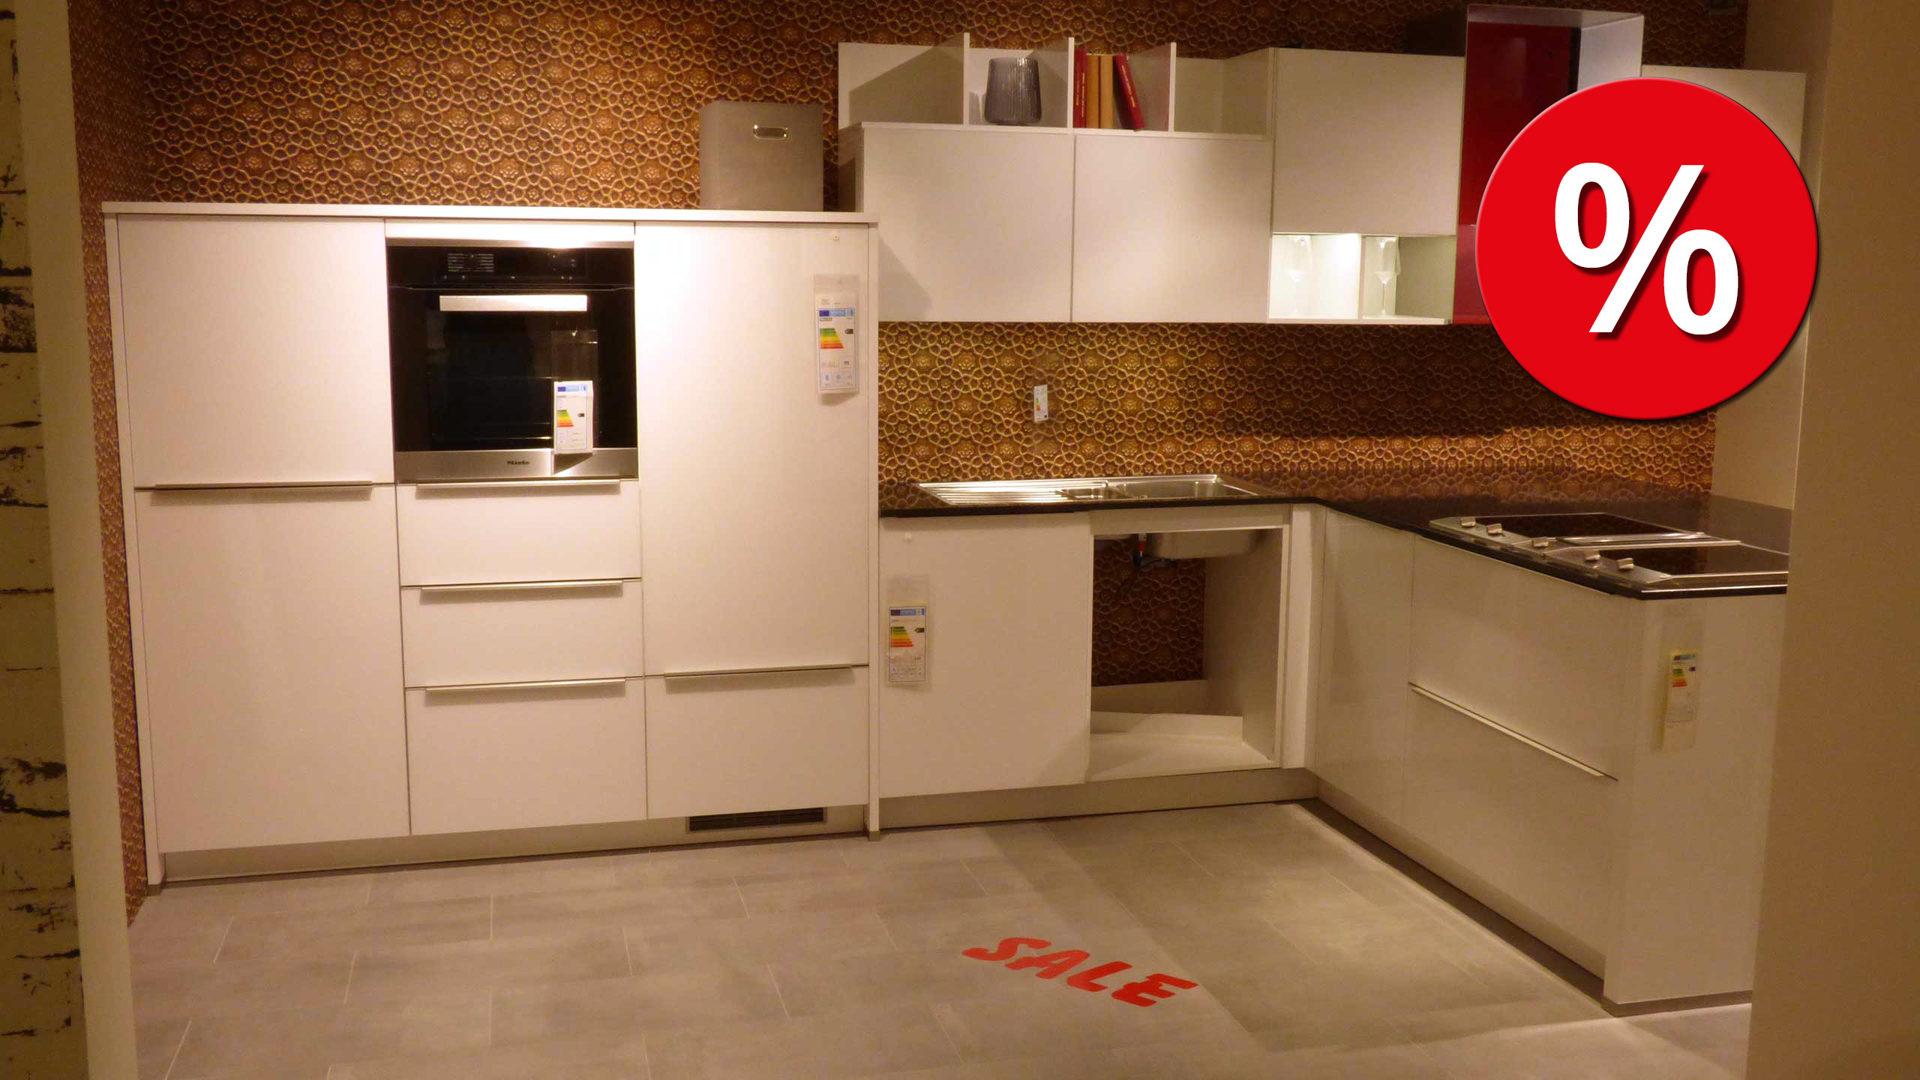 Berühmt Küchenschränke Weiß Geräte Fotos - Küchen Design Ideen ...